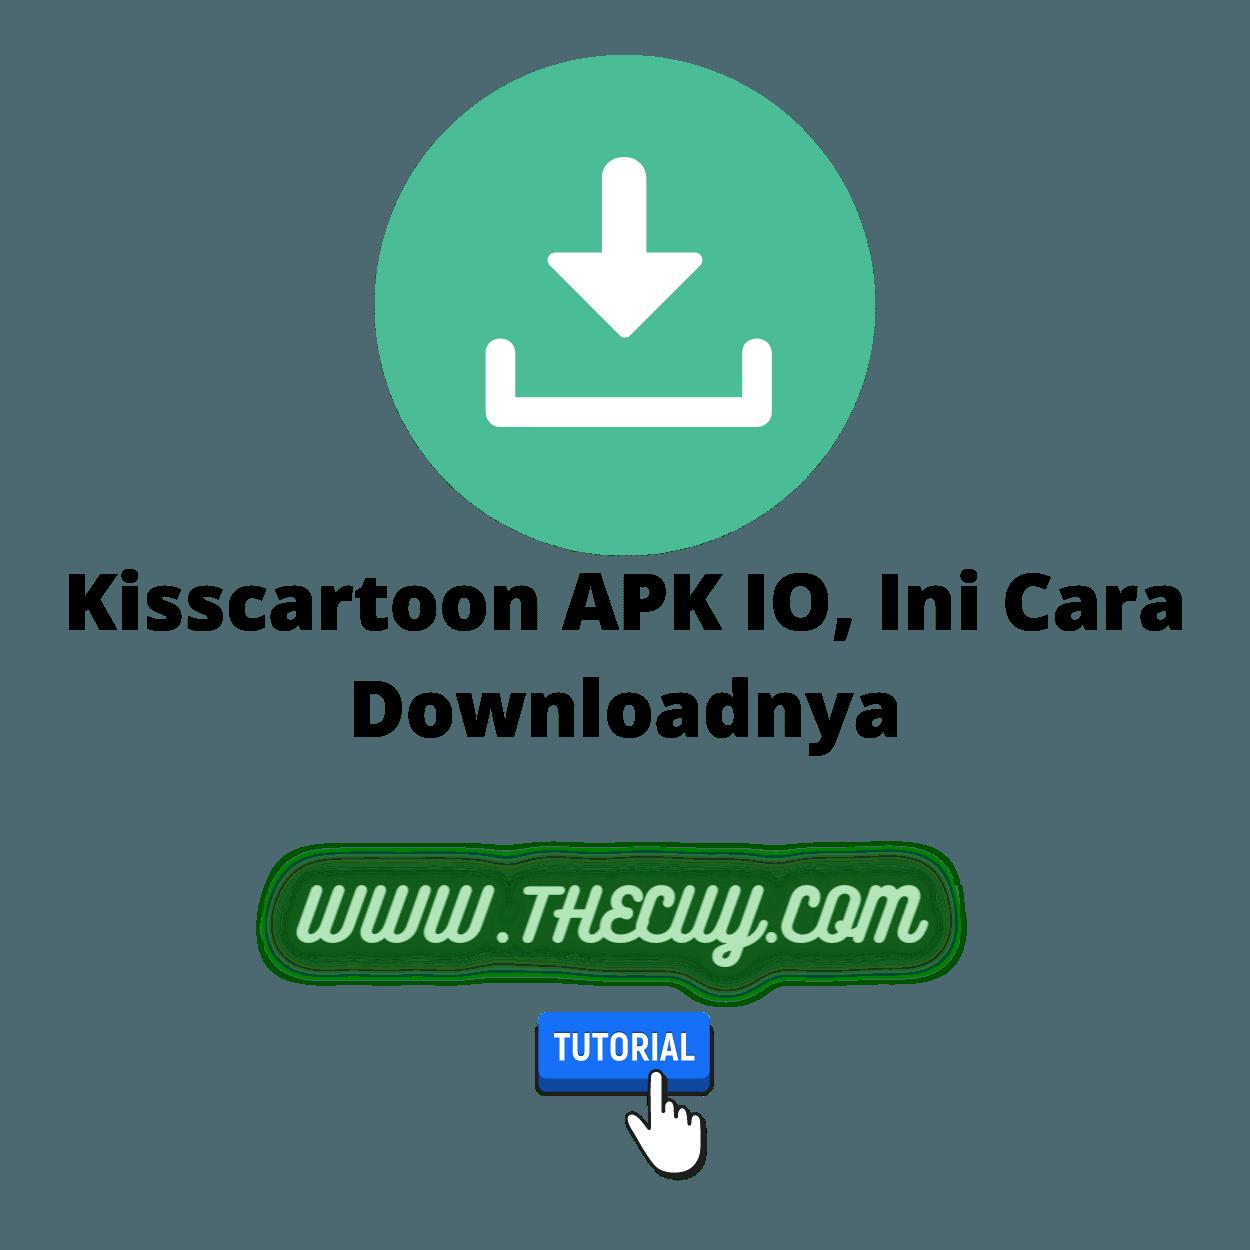 Kisscartoon APK IO, Ini Cara Downloadnya